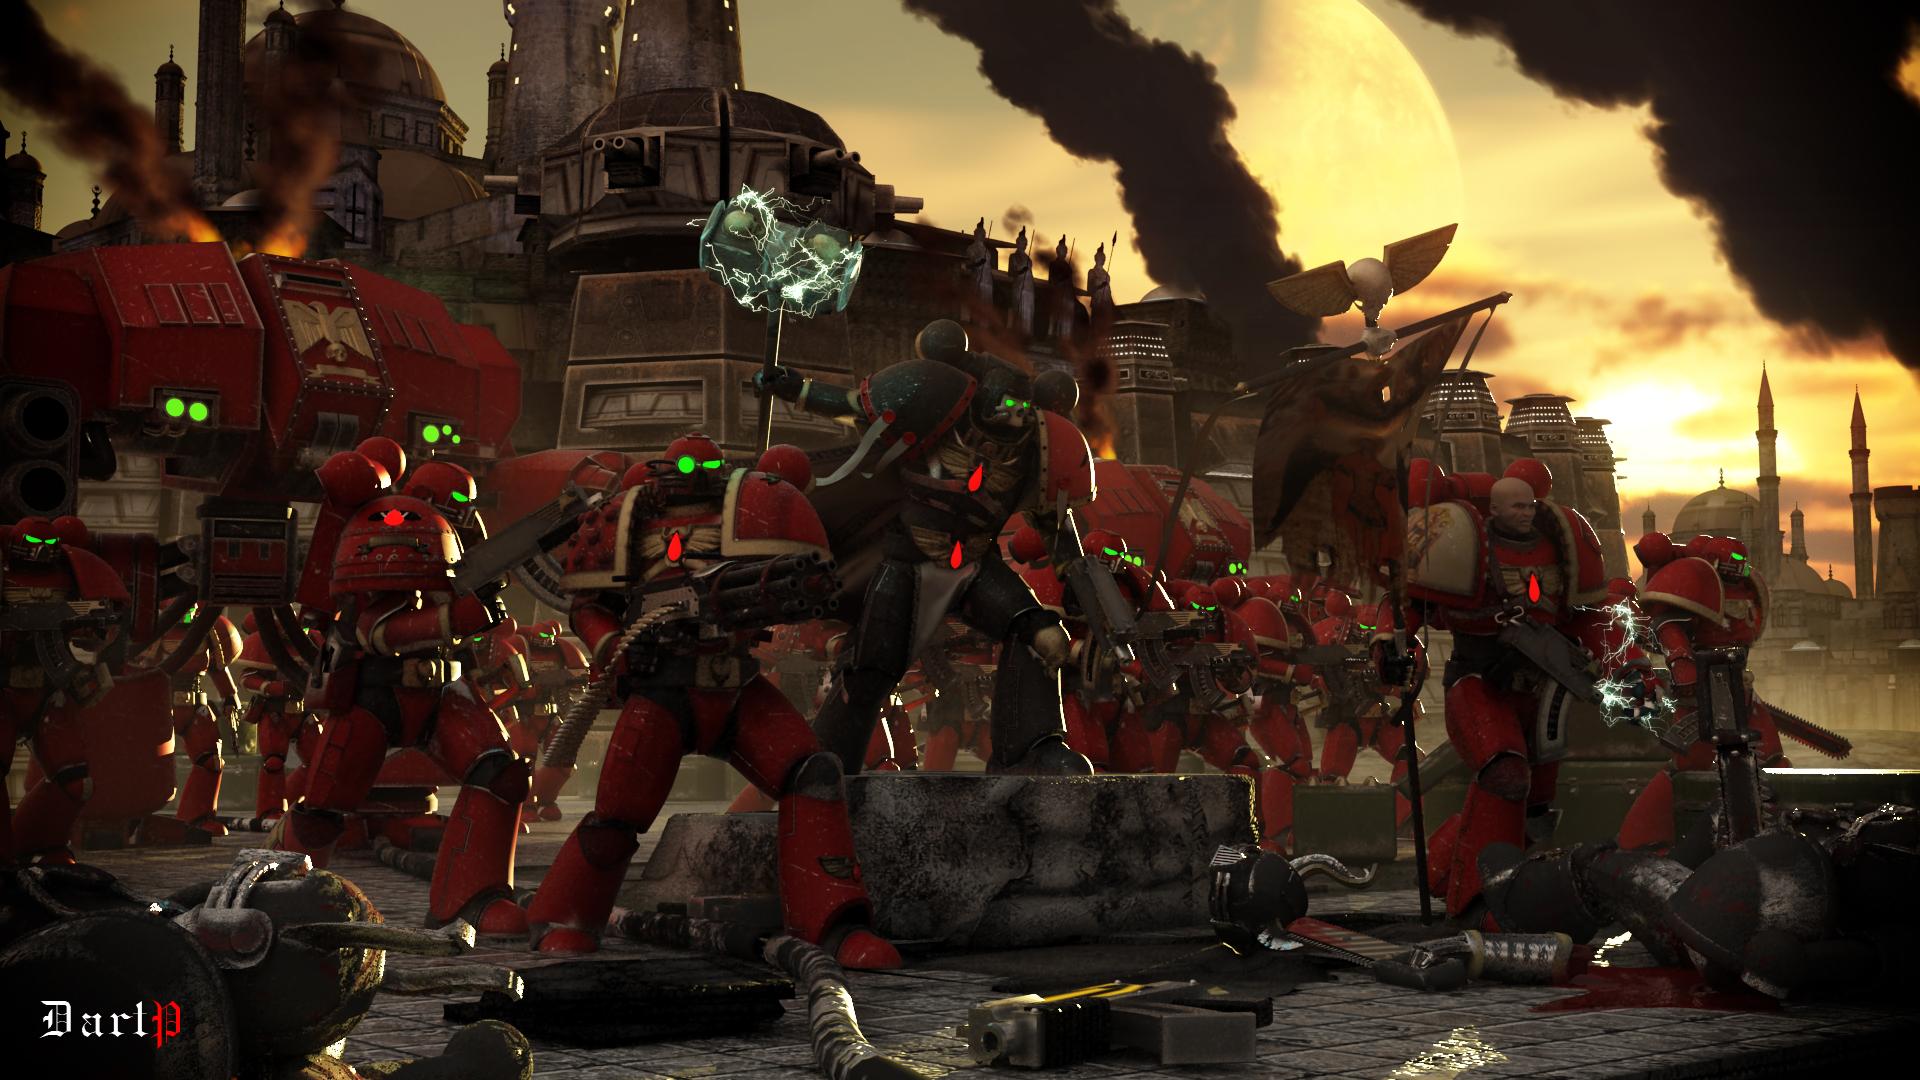 Warhammer 40k death company wallpaper - Warhammer 40k Art About 3d Blood_angels Bolter Chainsword Chaos Dartp